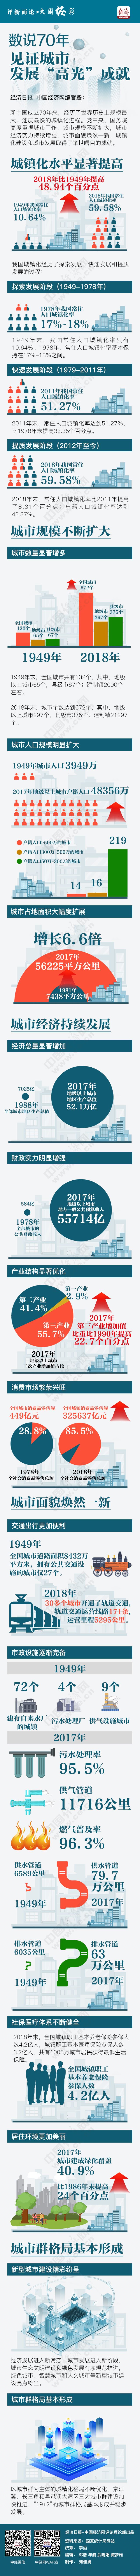 """【评新而论·大国经彩】数说70年 见证城市发展""""高光""""成就"""